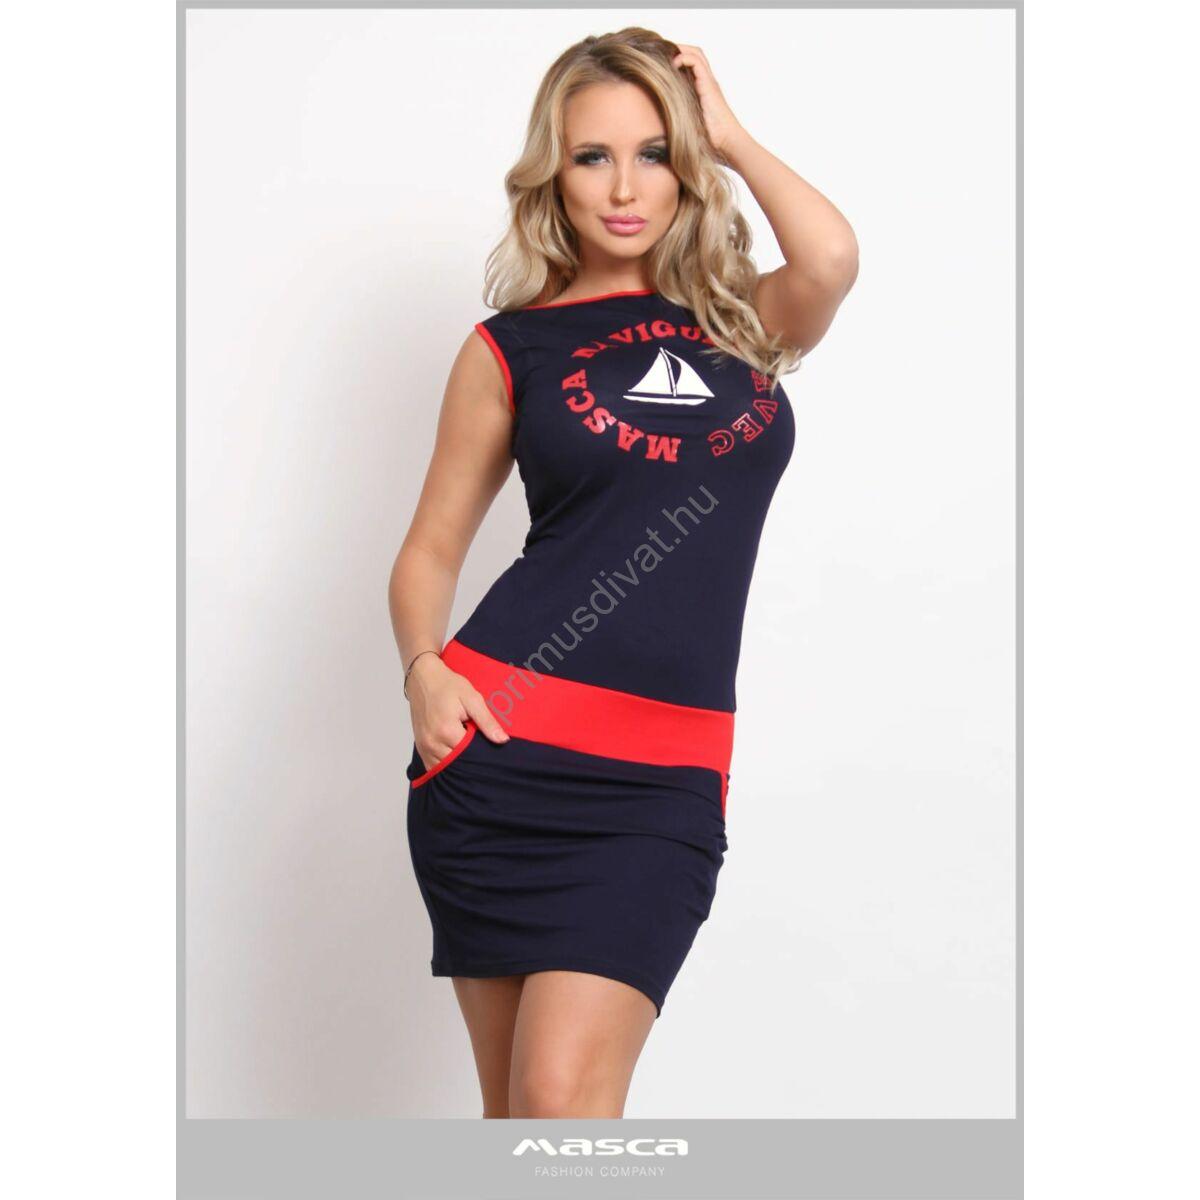 Masca Fashion csónaknyakú sötétkék ujjatlan szűk zsebes miniruha, piros szegőkkel, mellén márkafeliratos vitorlásmintával